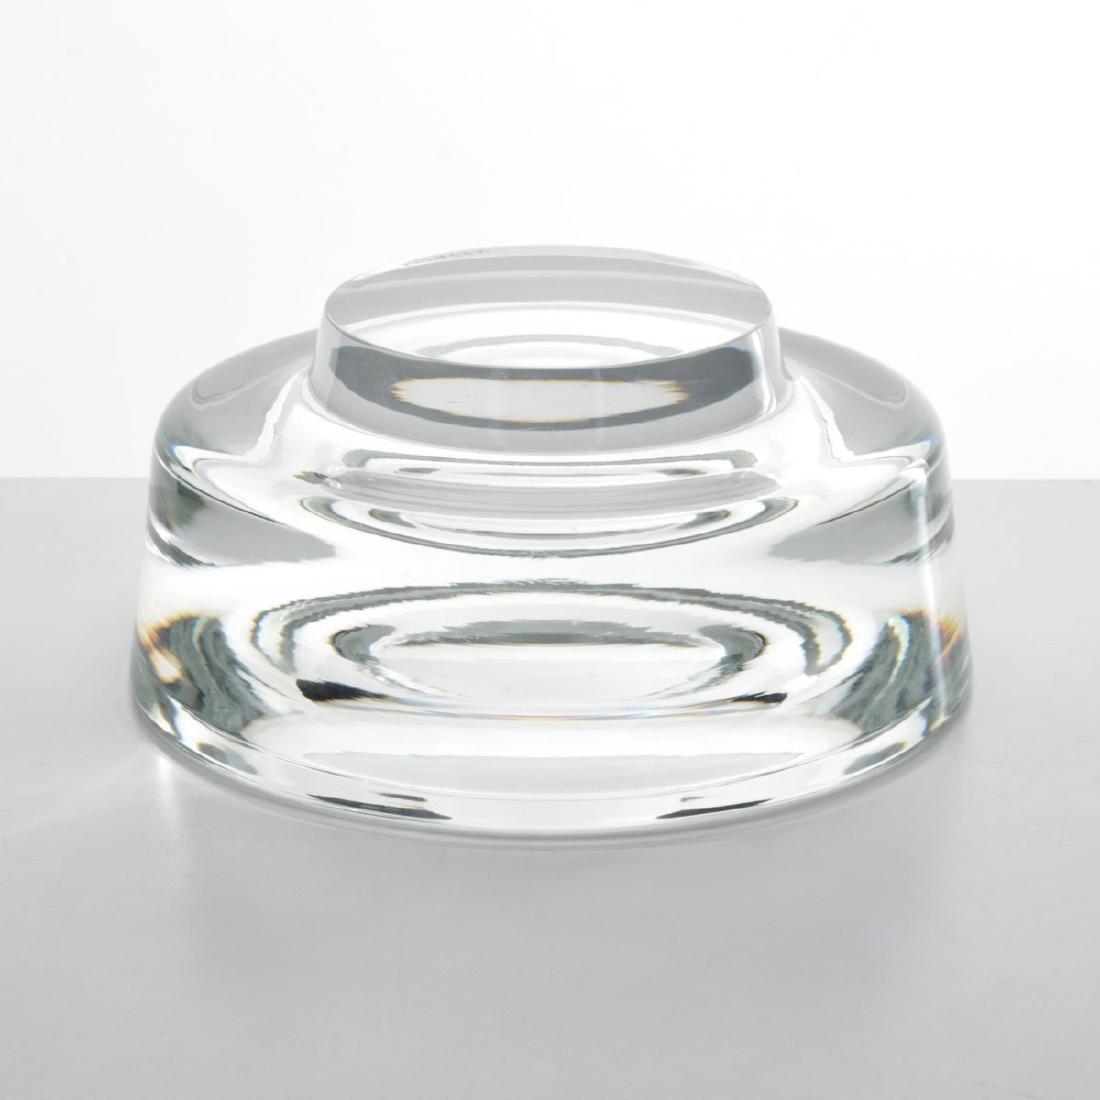 Large Karl Springer Bowl/Vessel - 4